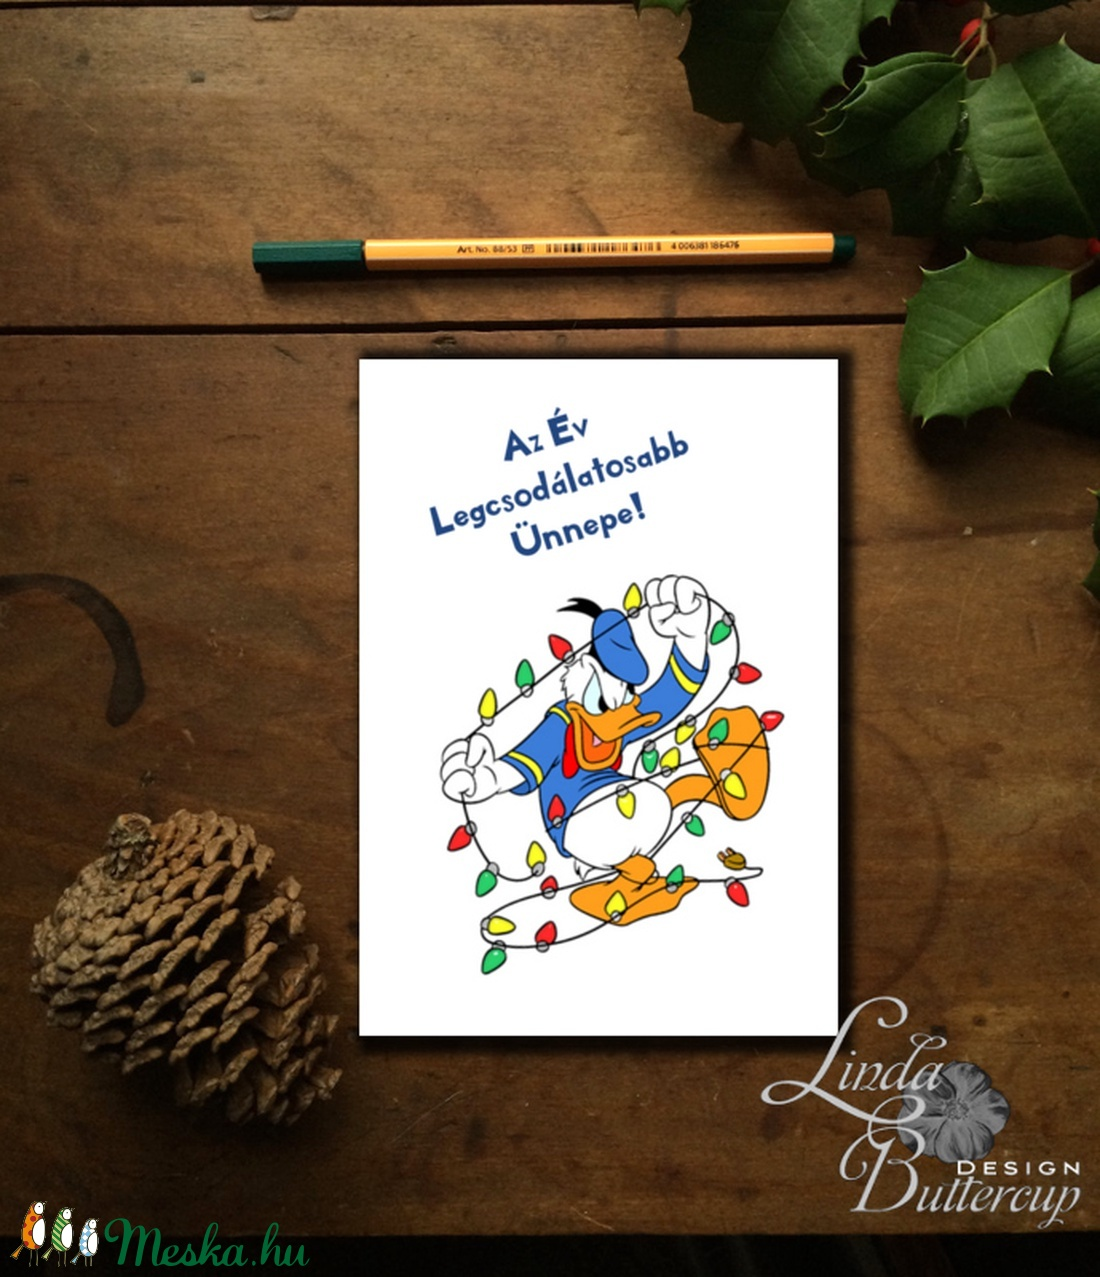 Vicces Karácsonyi Képeslap, Adventi kártya, Vicces lap, Ünnepi üdvözlőlap, humoros lap - karácsony - karácsonyi ajándékozás - karácsonyi képeslap, üdvözlőlap, ajándékkísérő - Meska.hu